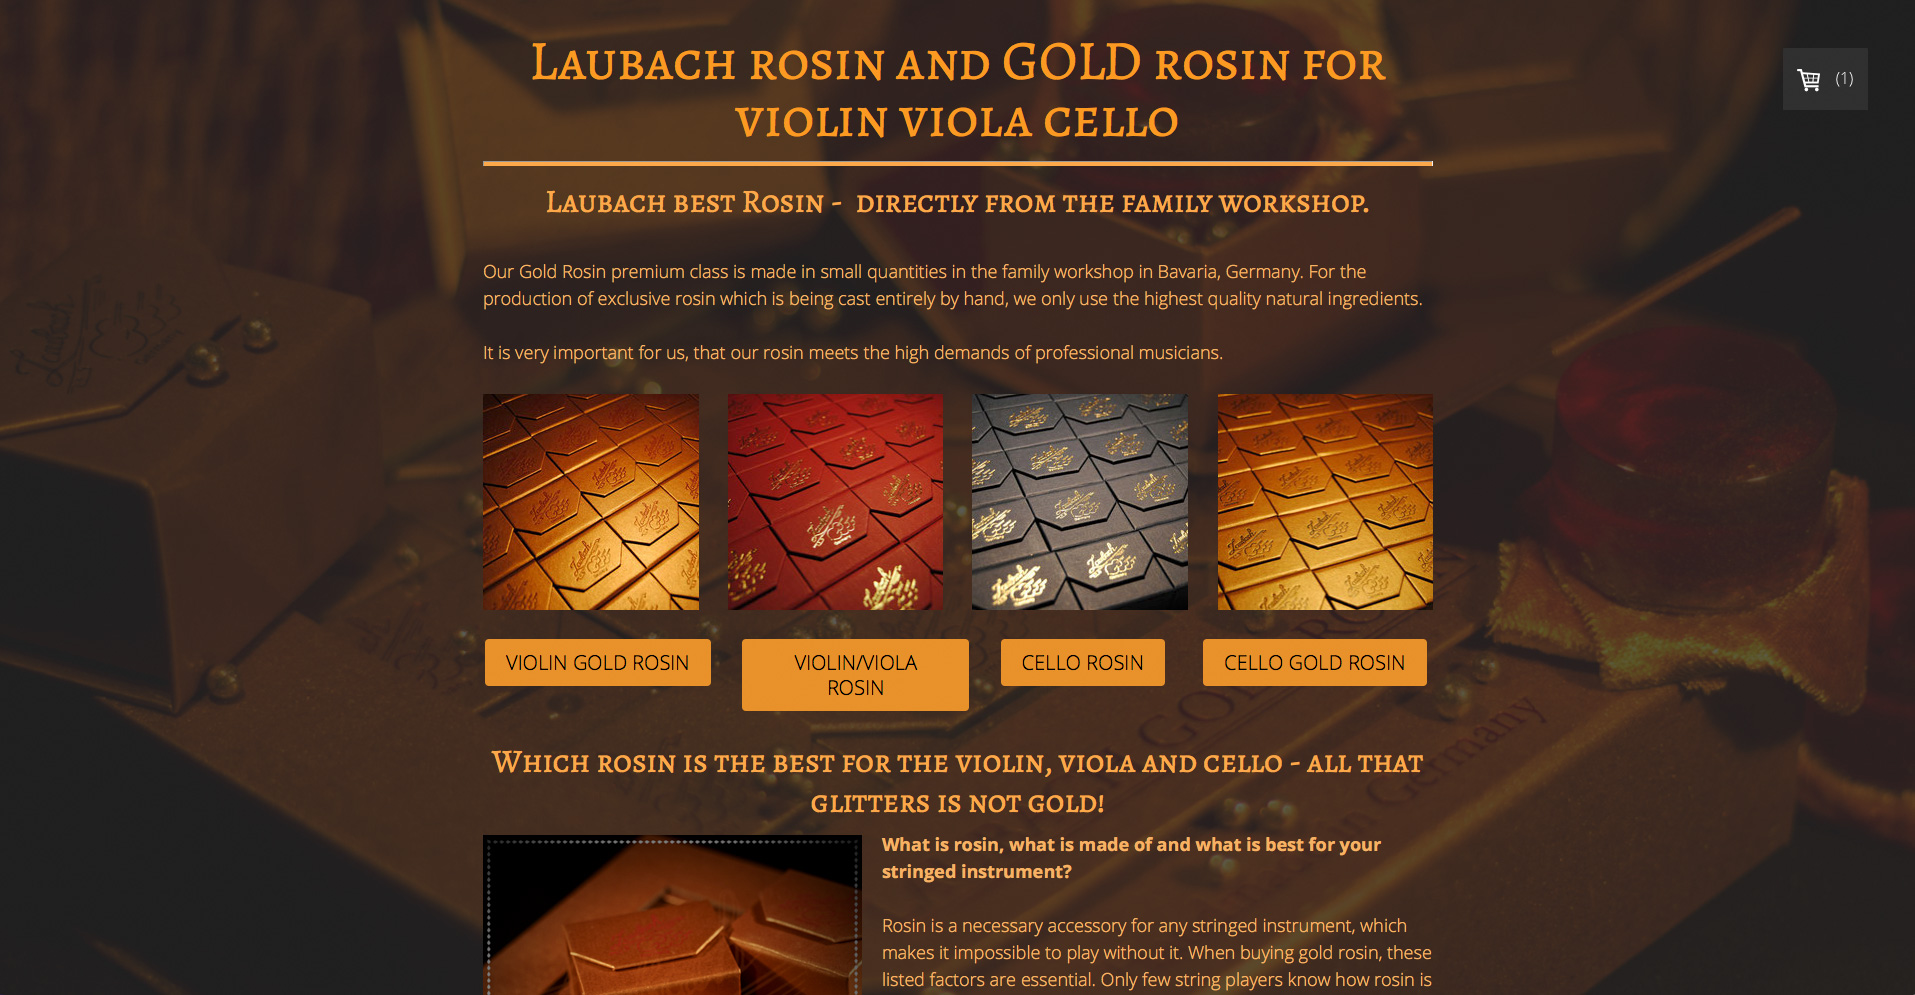 Laubach rosin and GOLD rosin for violin viola cello